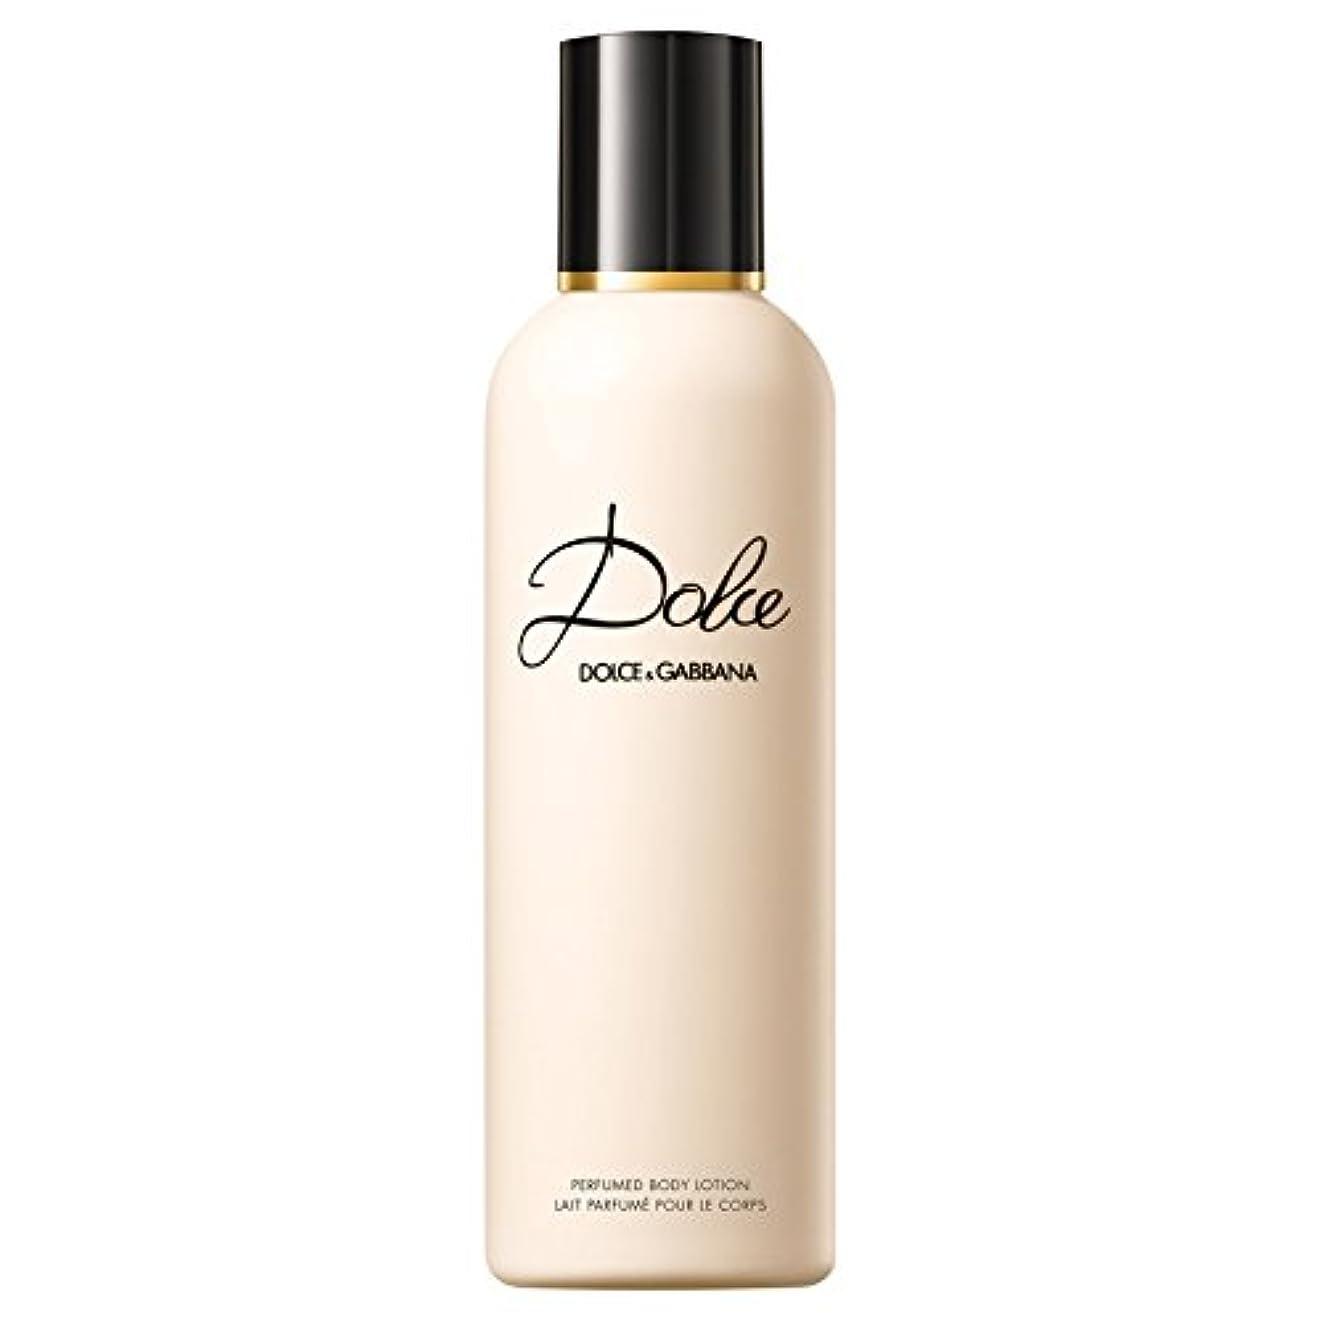 ノート提供する代名詞ドルチェ&ガッバーナドルチェのボディローション200ミリリットル (Dolce & Gabbana) - Dolce & Gabbana Dolce Body Lotion 200ml [並行輸入品]